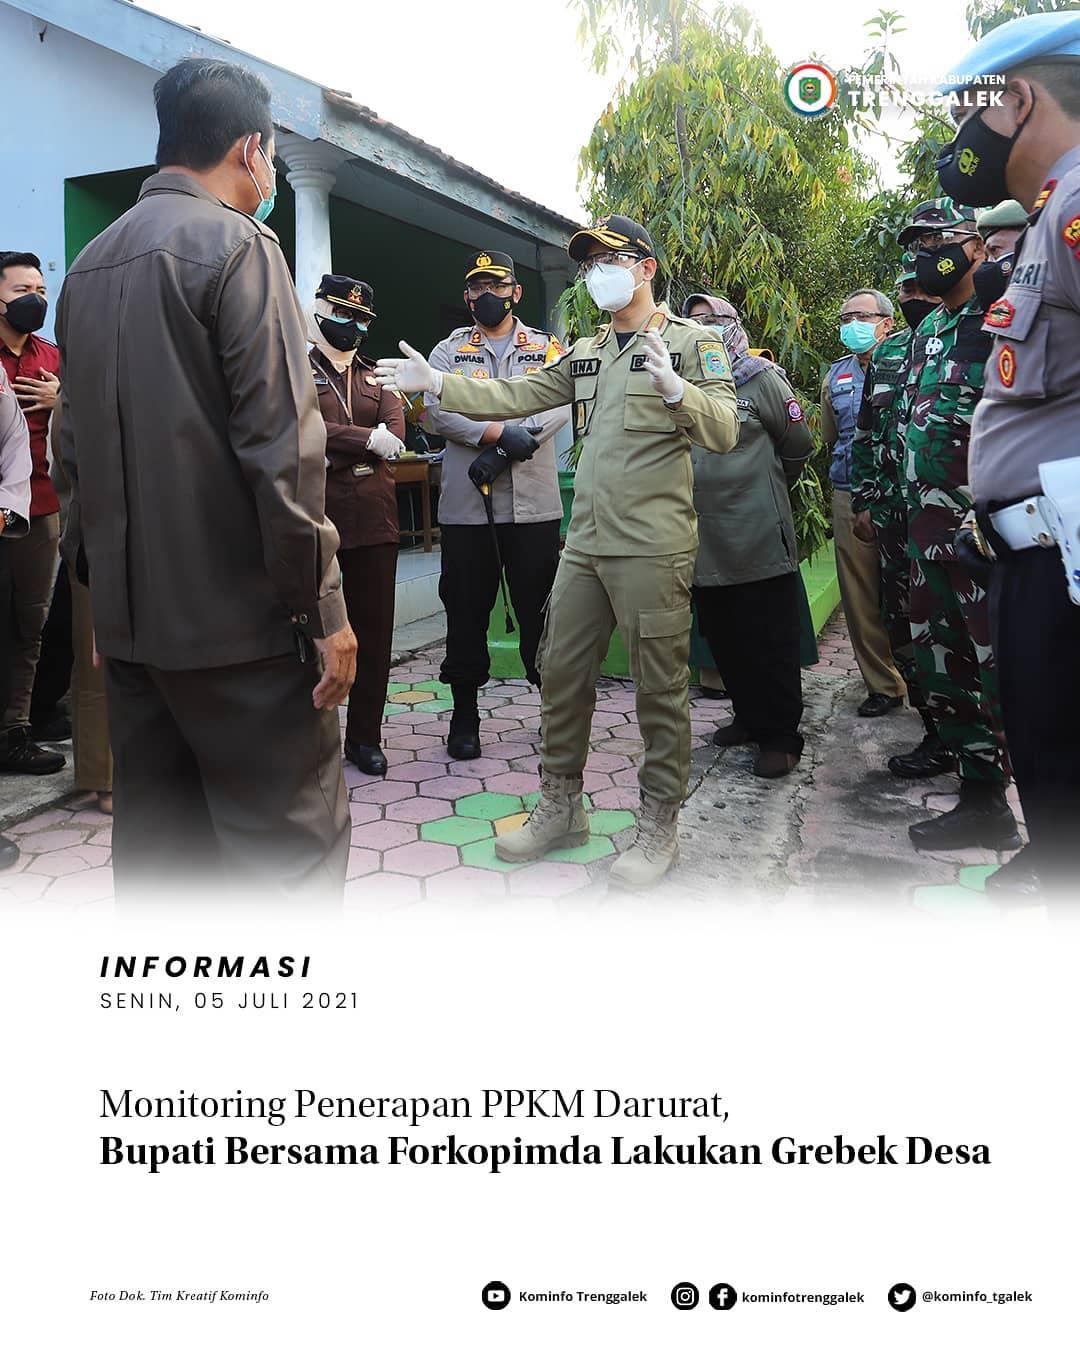 Monitoring Penerapan PPKM Darurat, Bupati Bersama Forkopimda Lakukan Grebek Desa